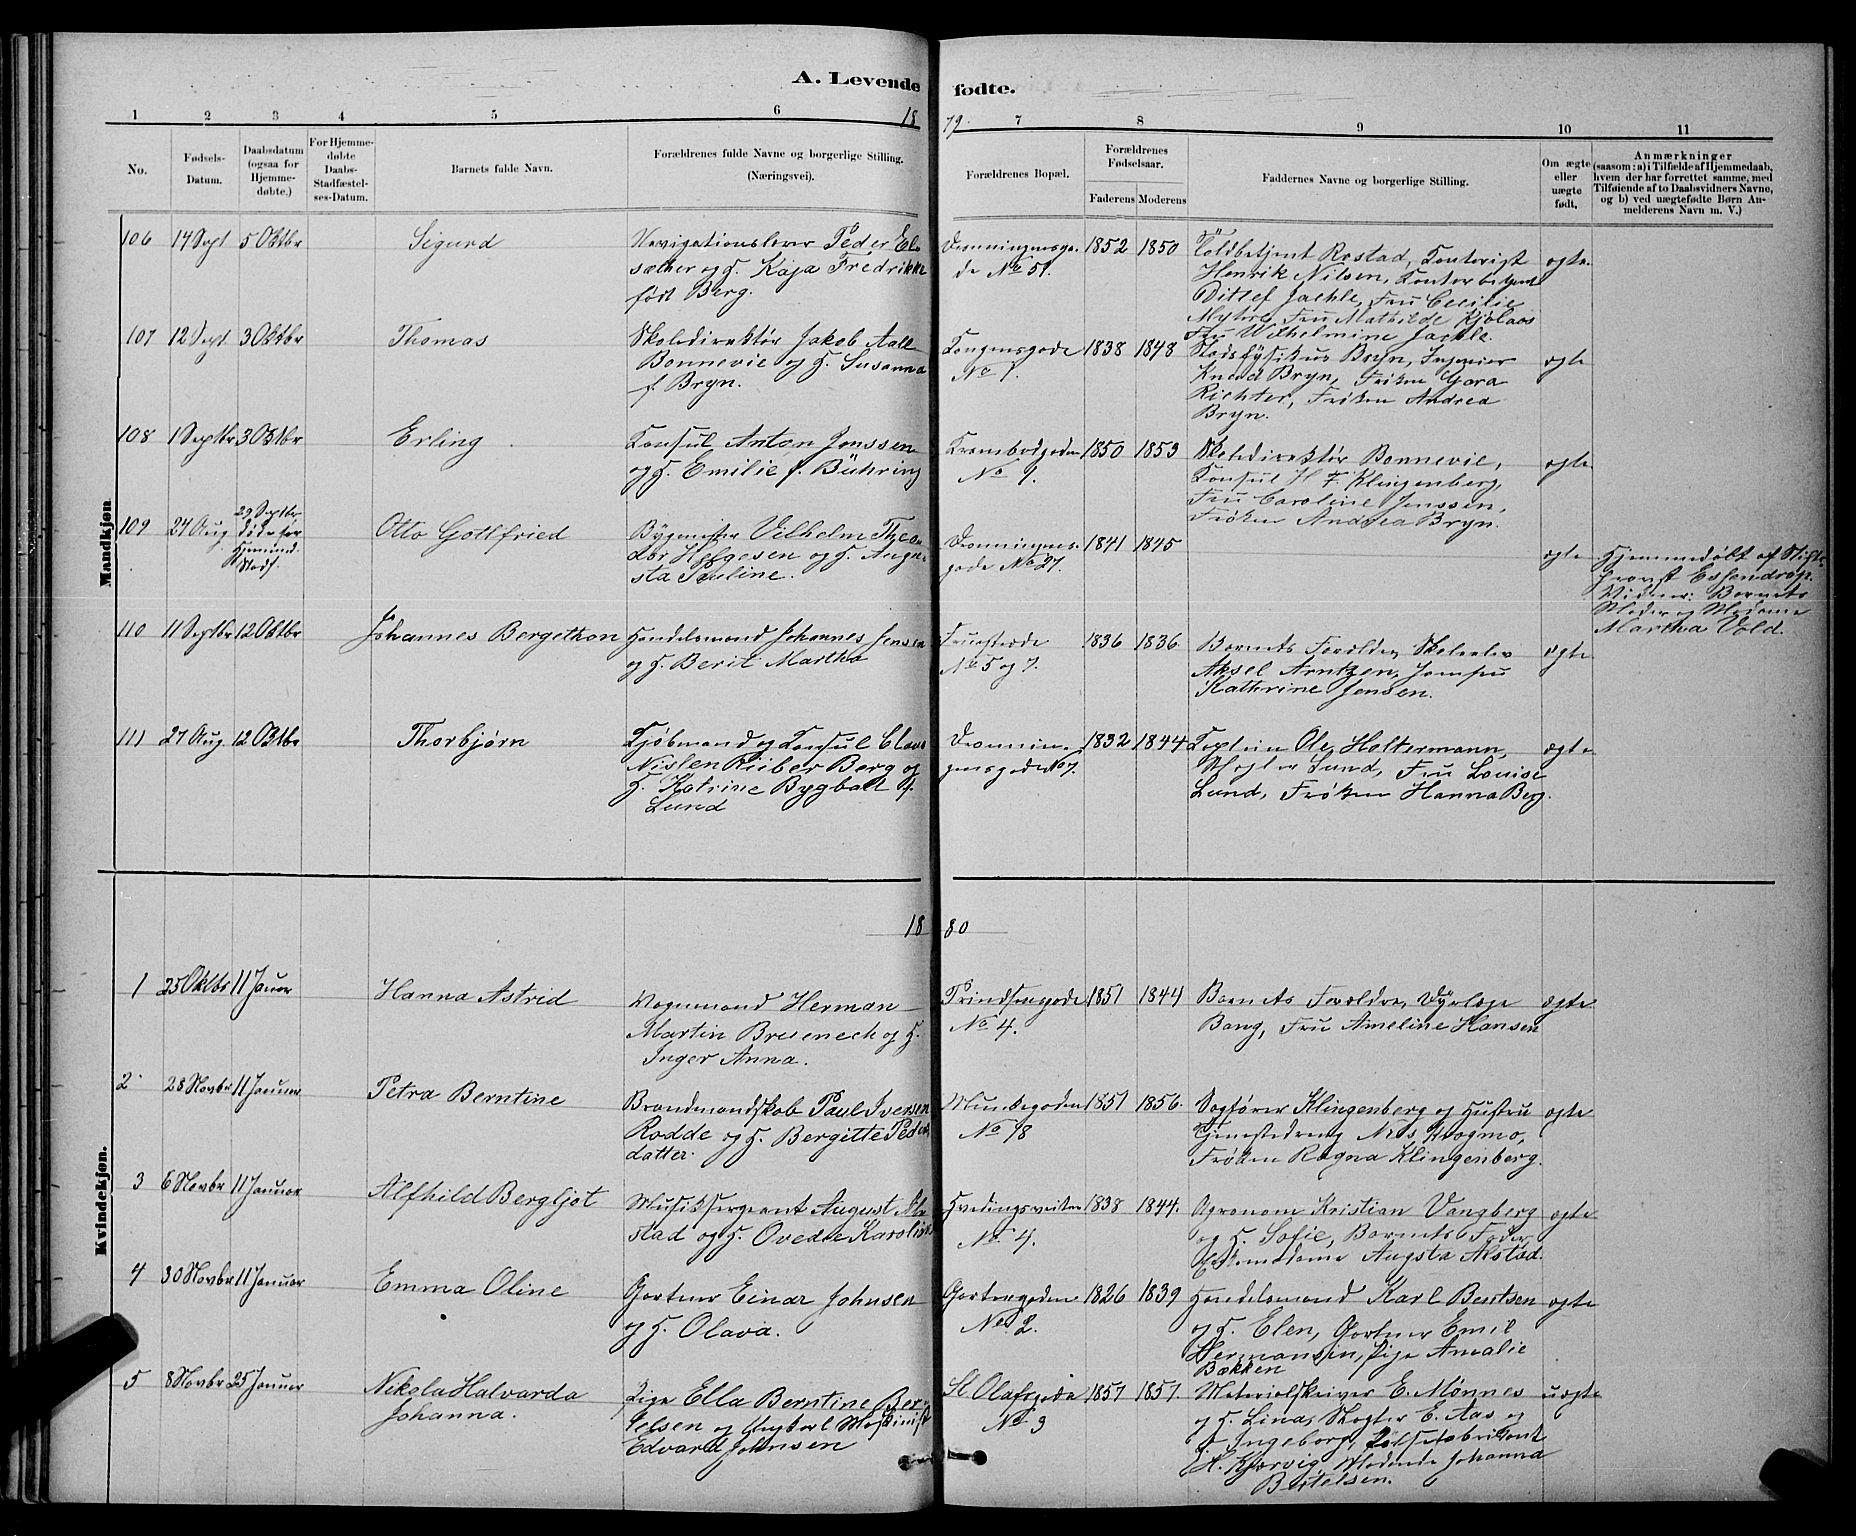 SAT, Ministerialprotokoller, klokkerbøker og fødselsregistre - Sør-Trøndelag, 601/L0091: Klokkerbok nr. 601C09, 1878-1883